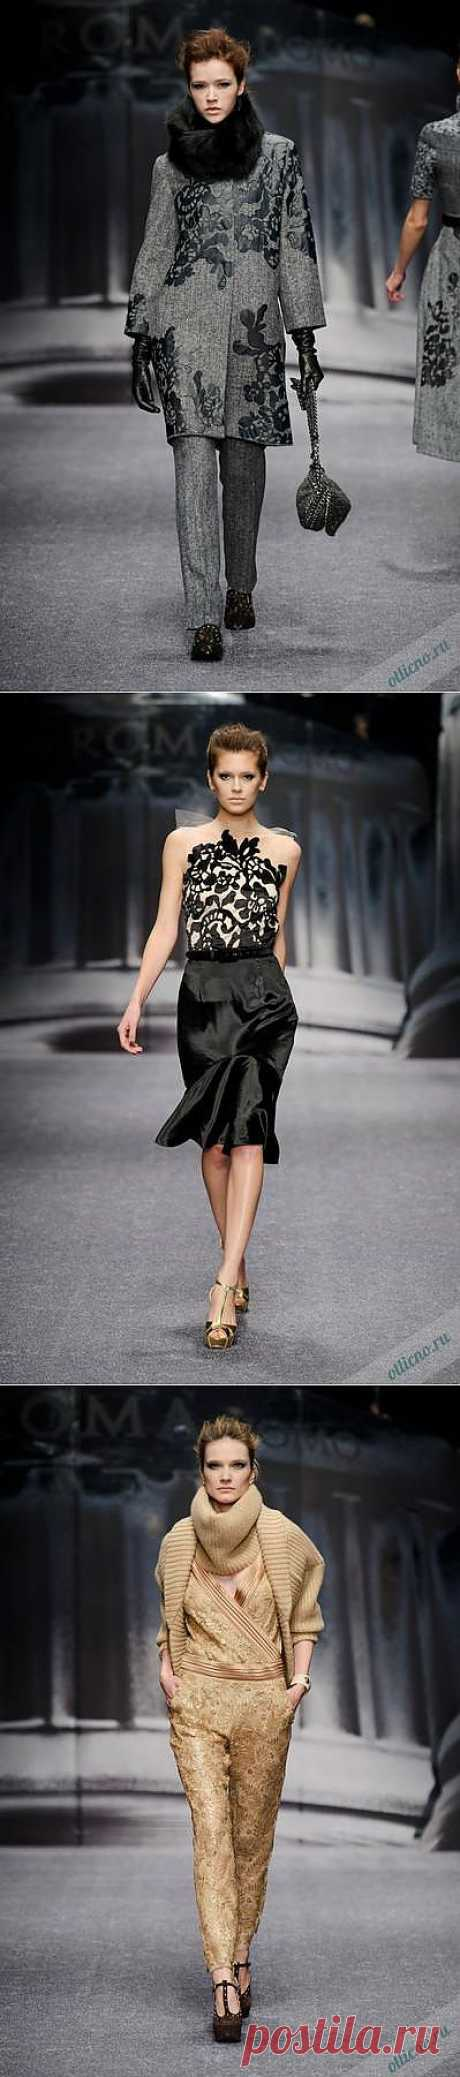 Laura Biagiotti: модный показ осень-зима 2013-2014   Отлично! Школа моды, декора и актуального рукоделия